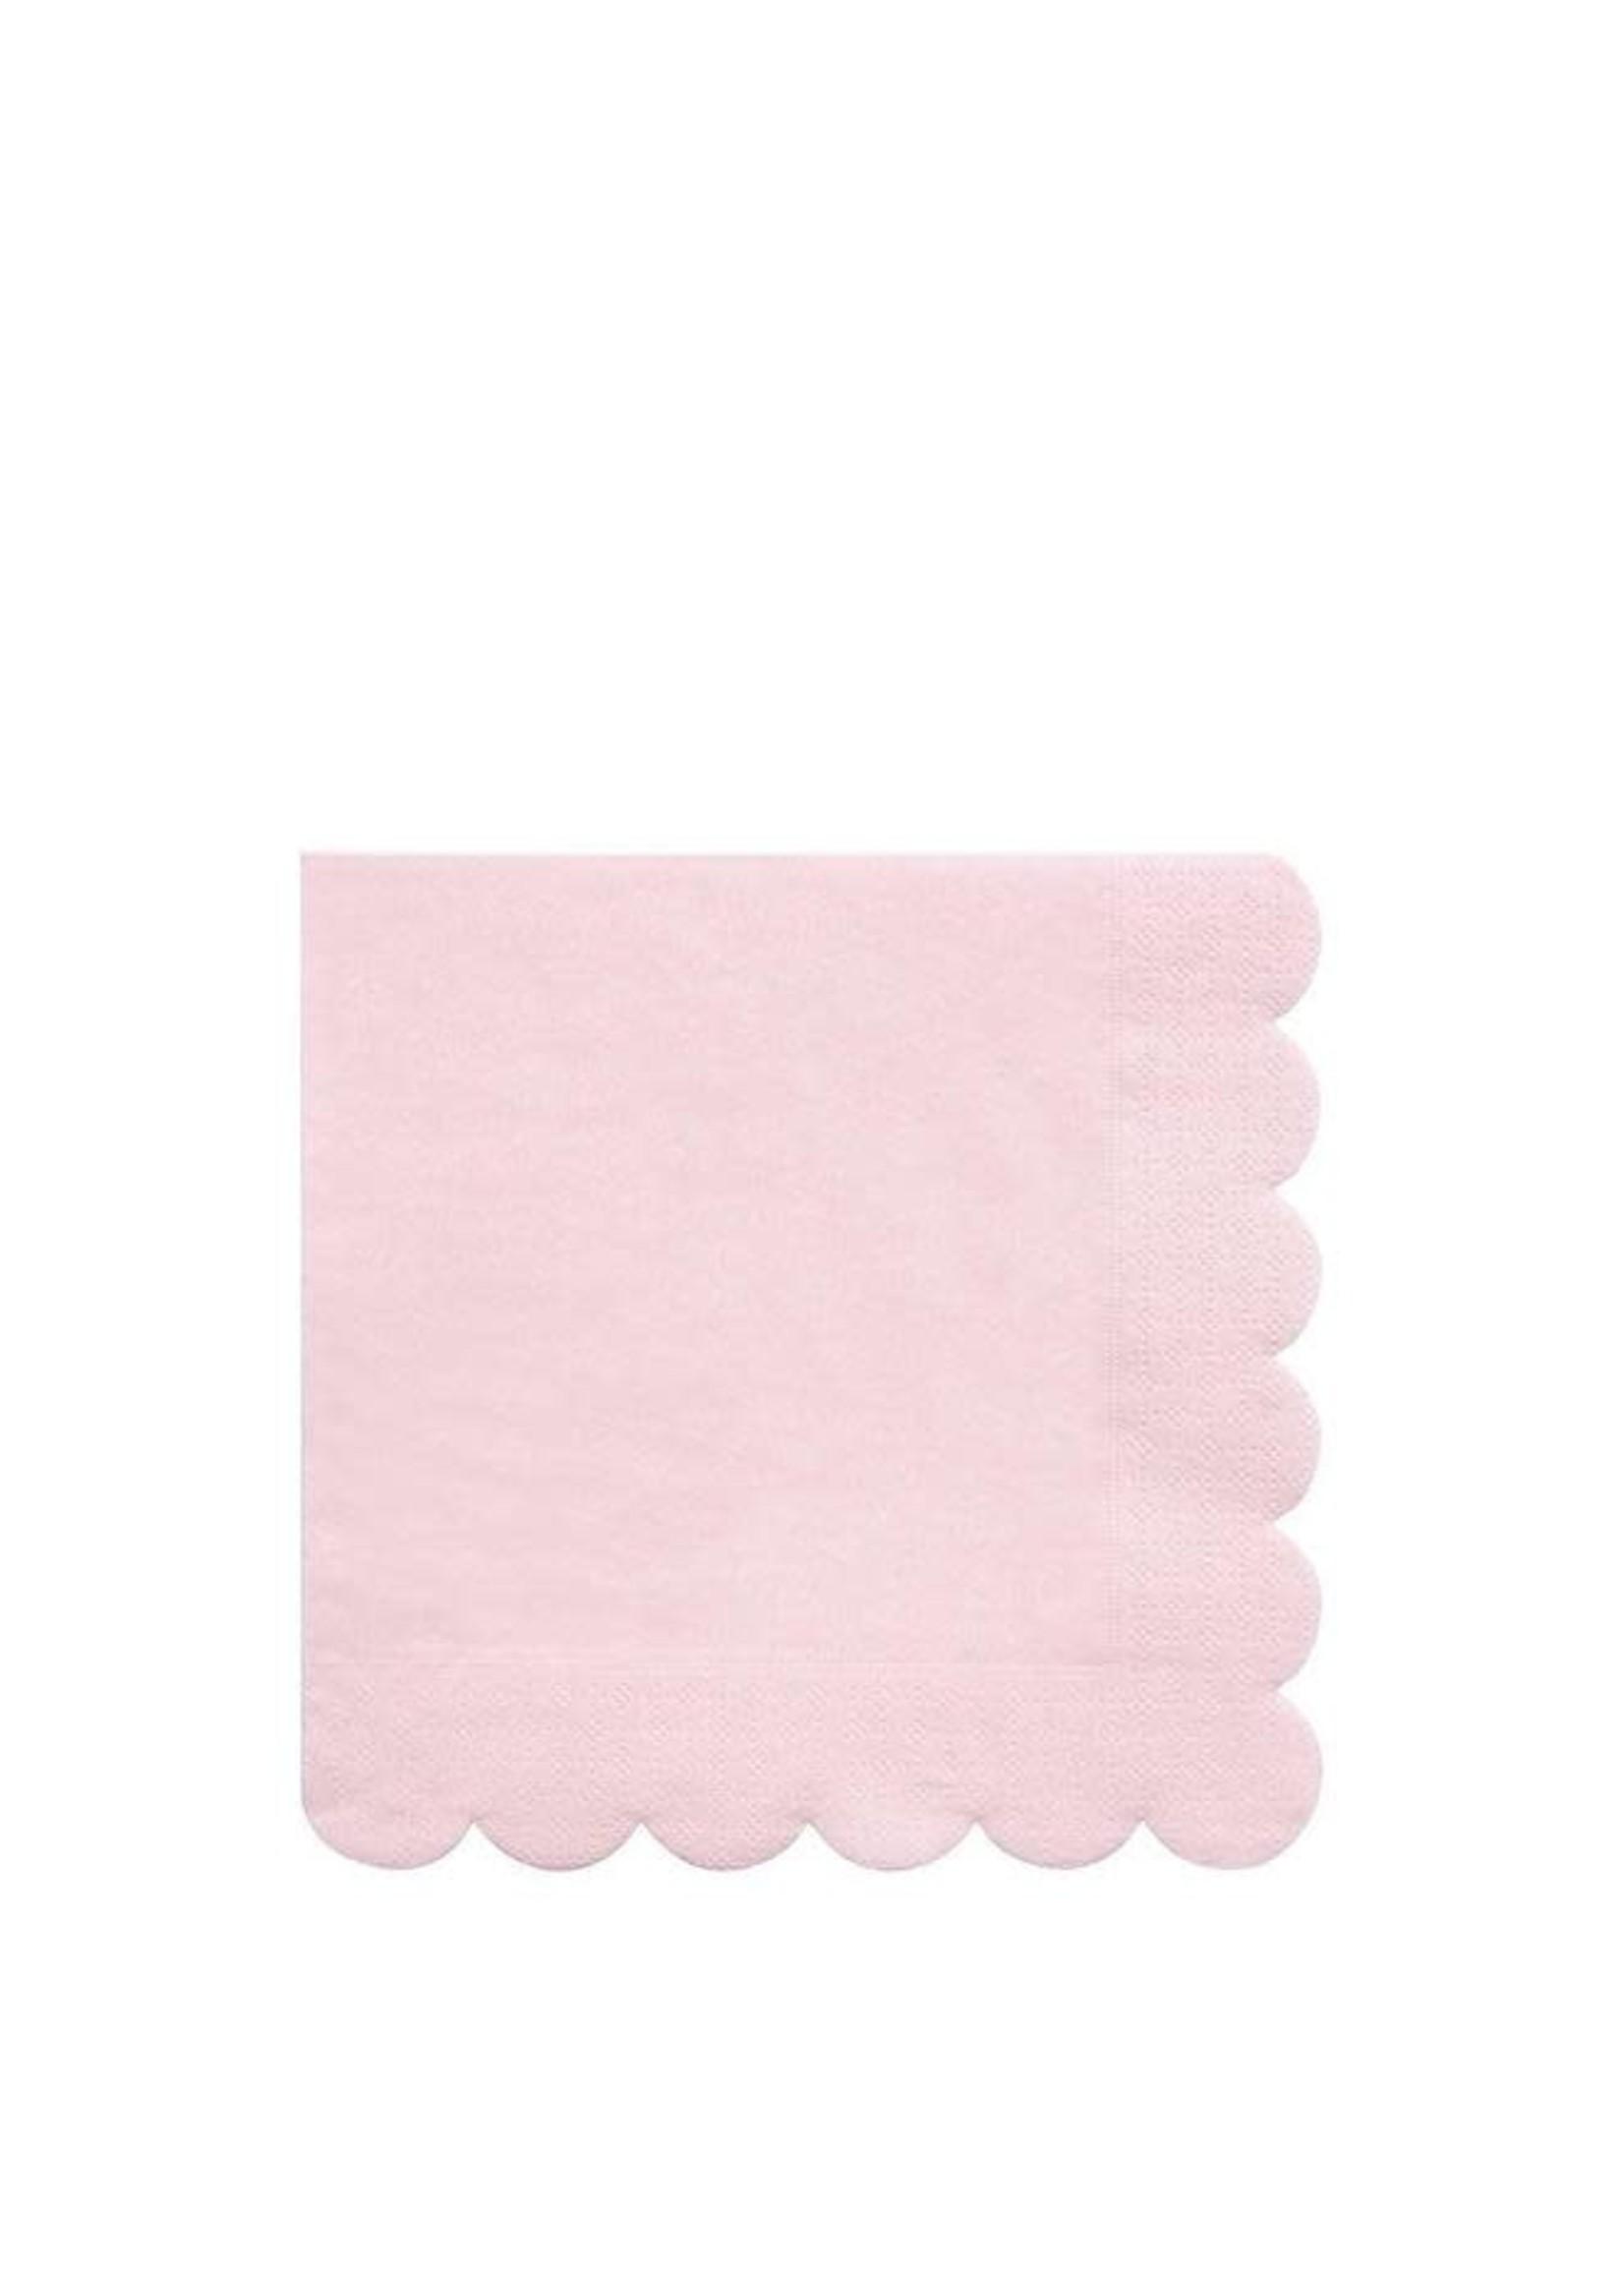 Meri Meri Paper Napkin - Pale Pink Large